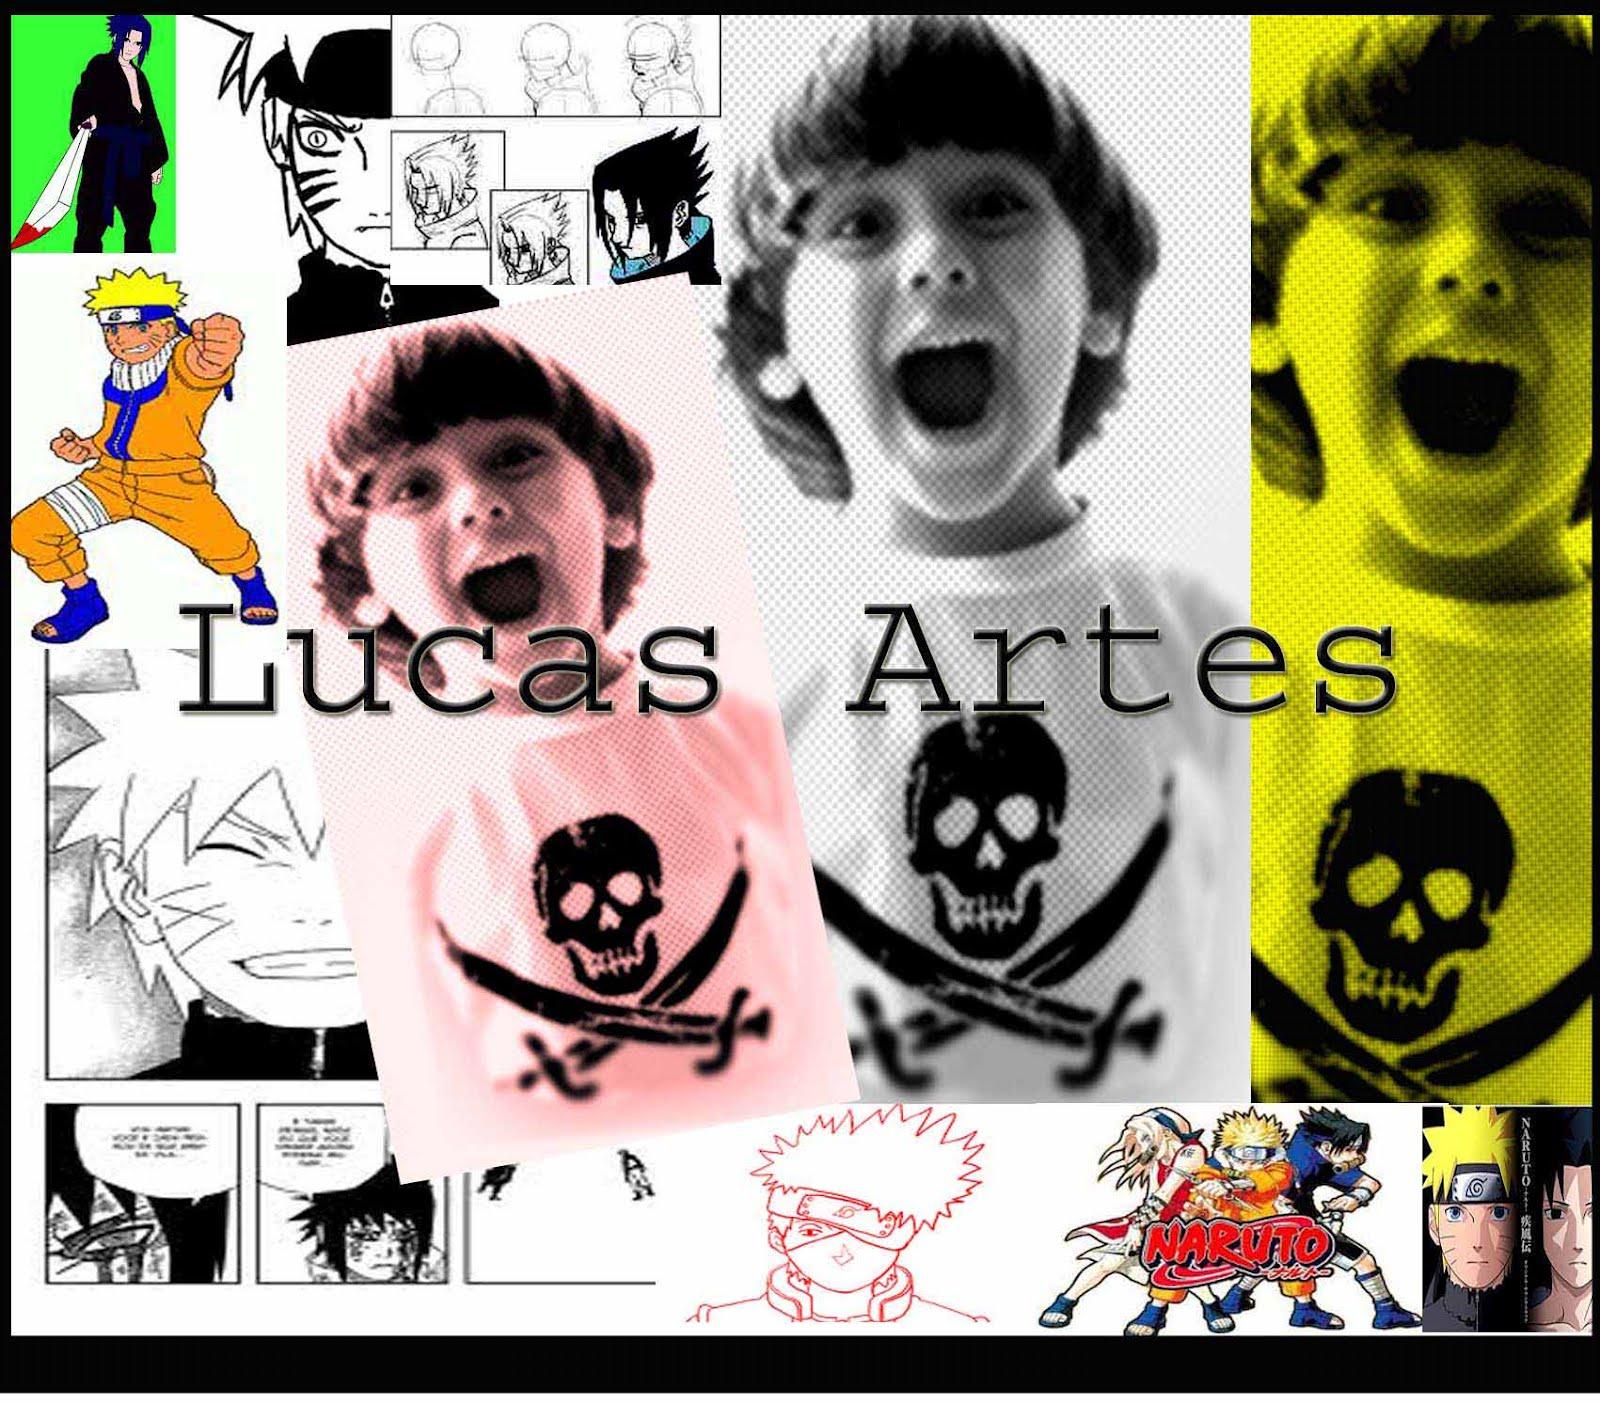 Lucas Artes